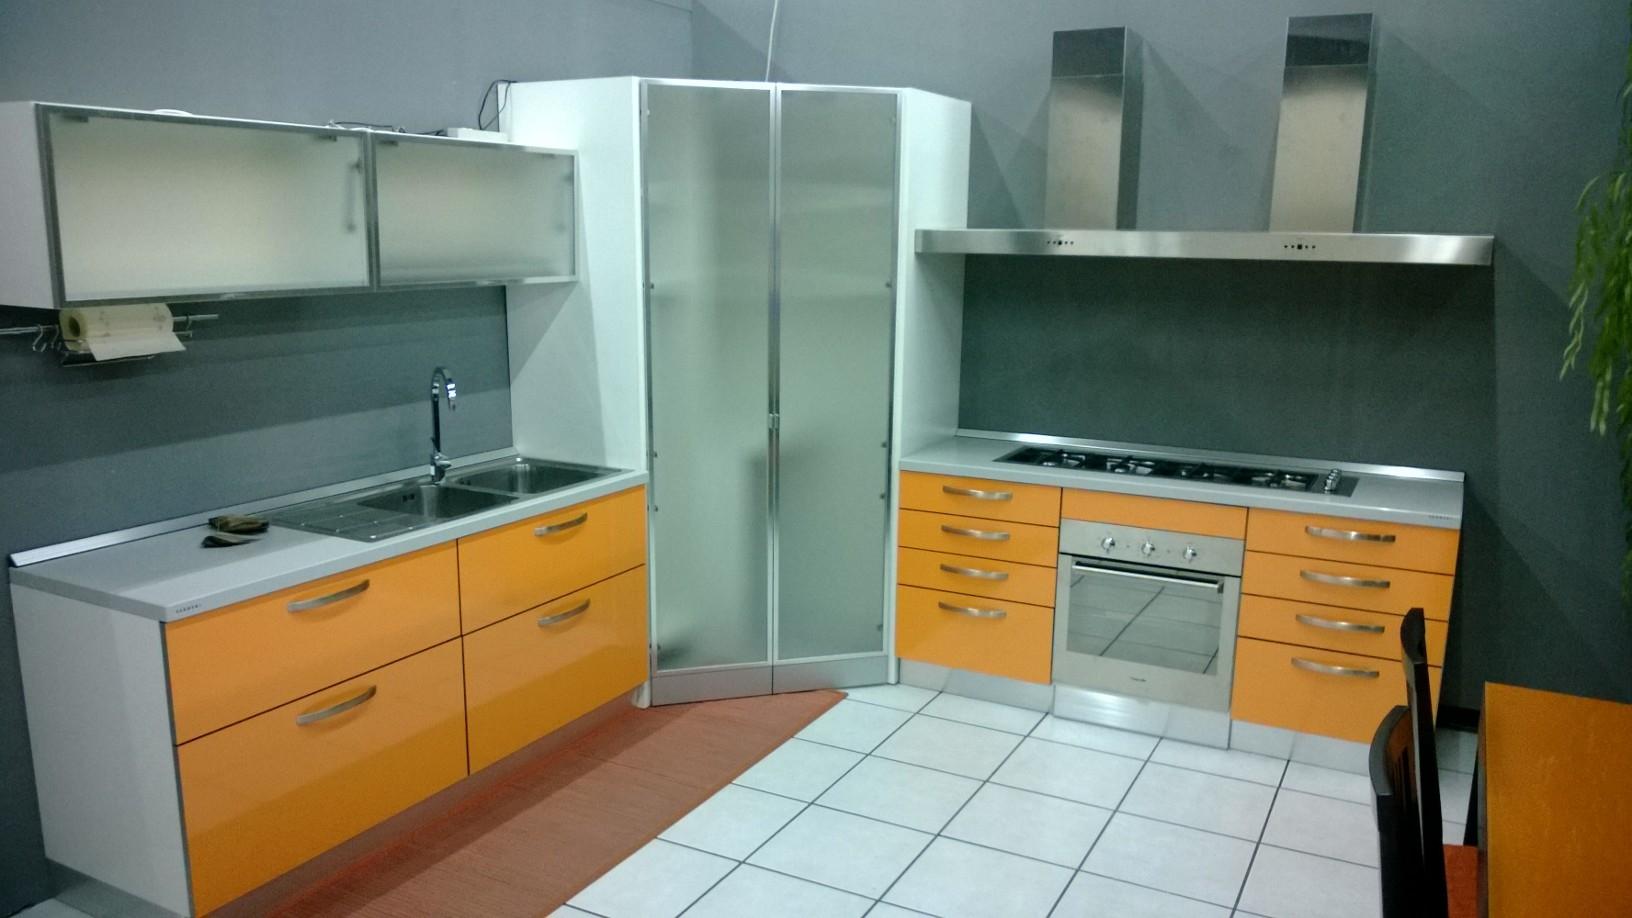 Mobile cucina angolare simple cucina ad angolo limone for Mobile angolare